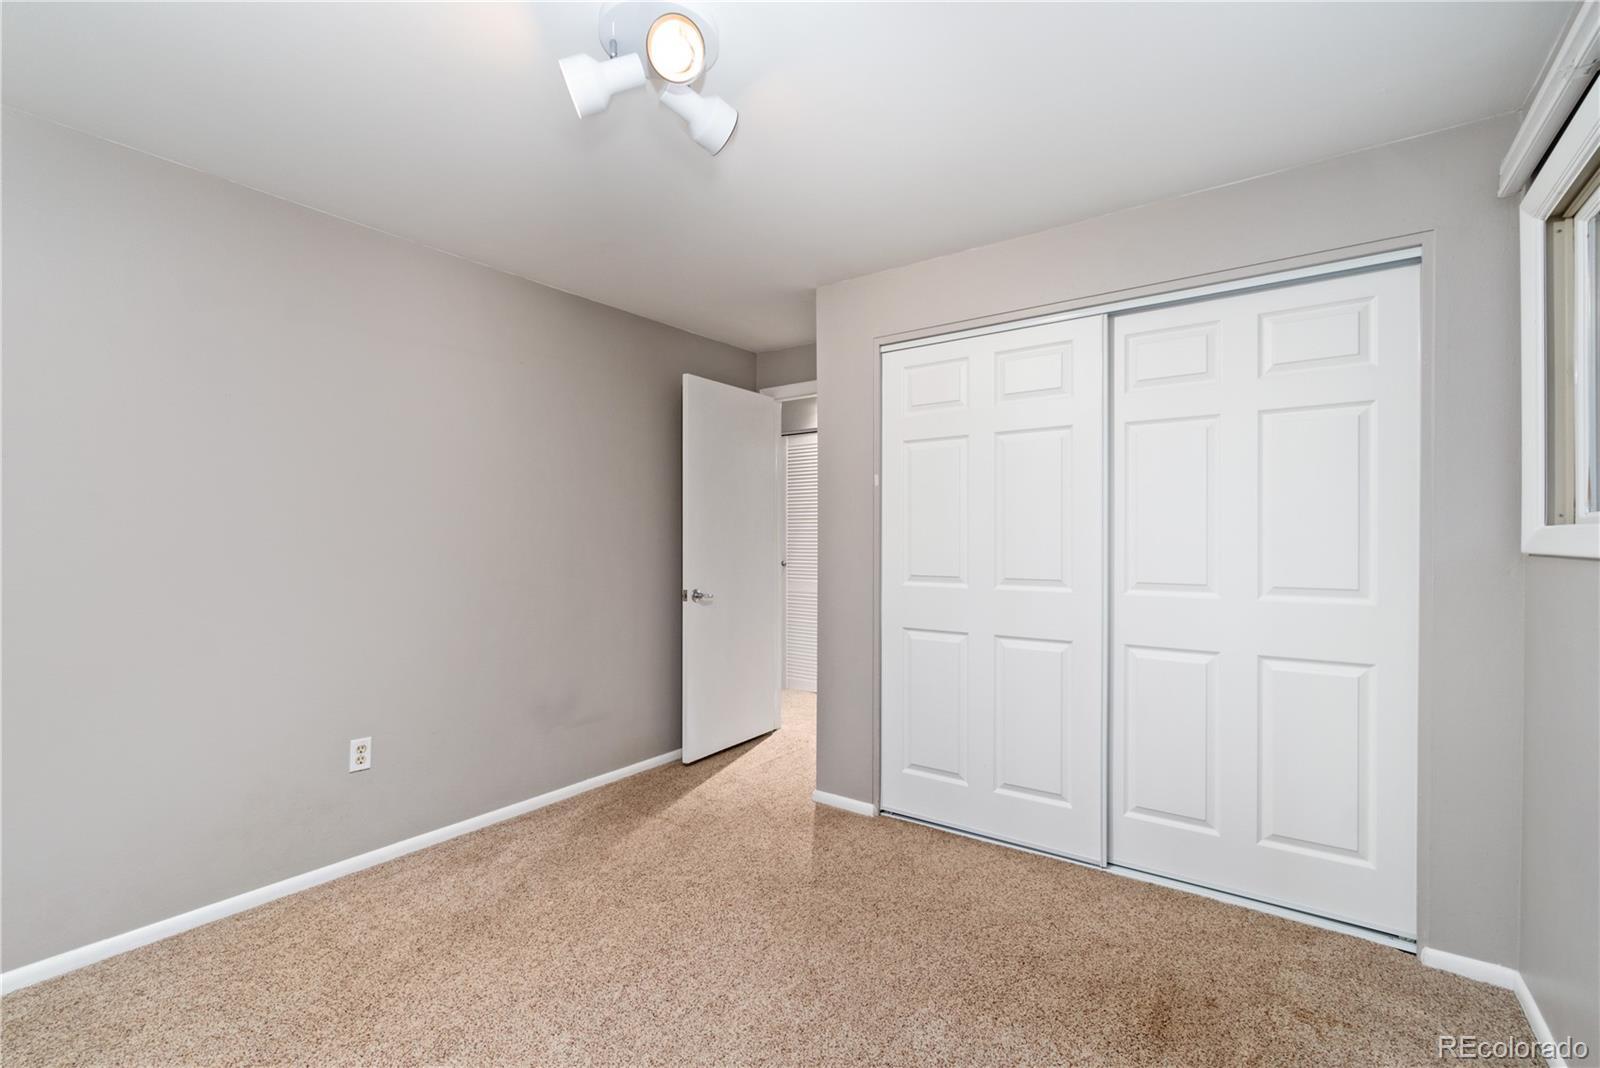 MLS# 8982790 - 8 - 735 S Braun Street, Lakewood, CO 80228